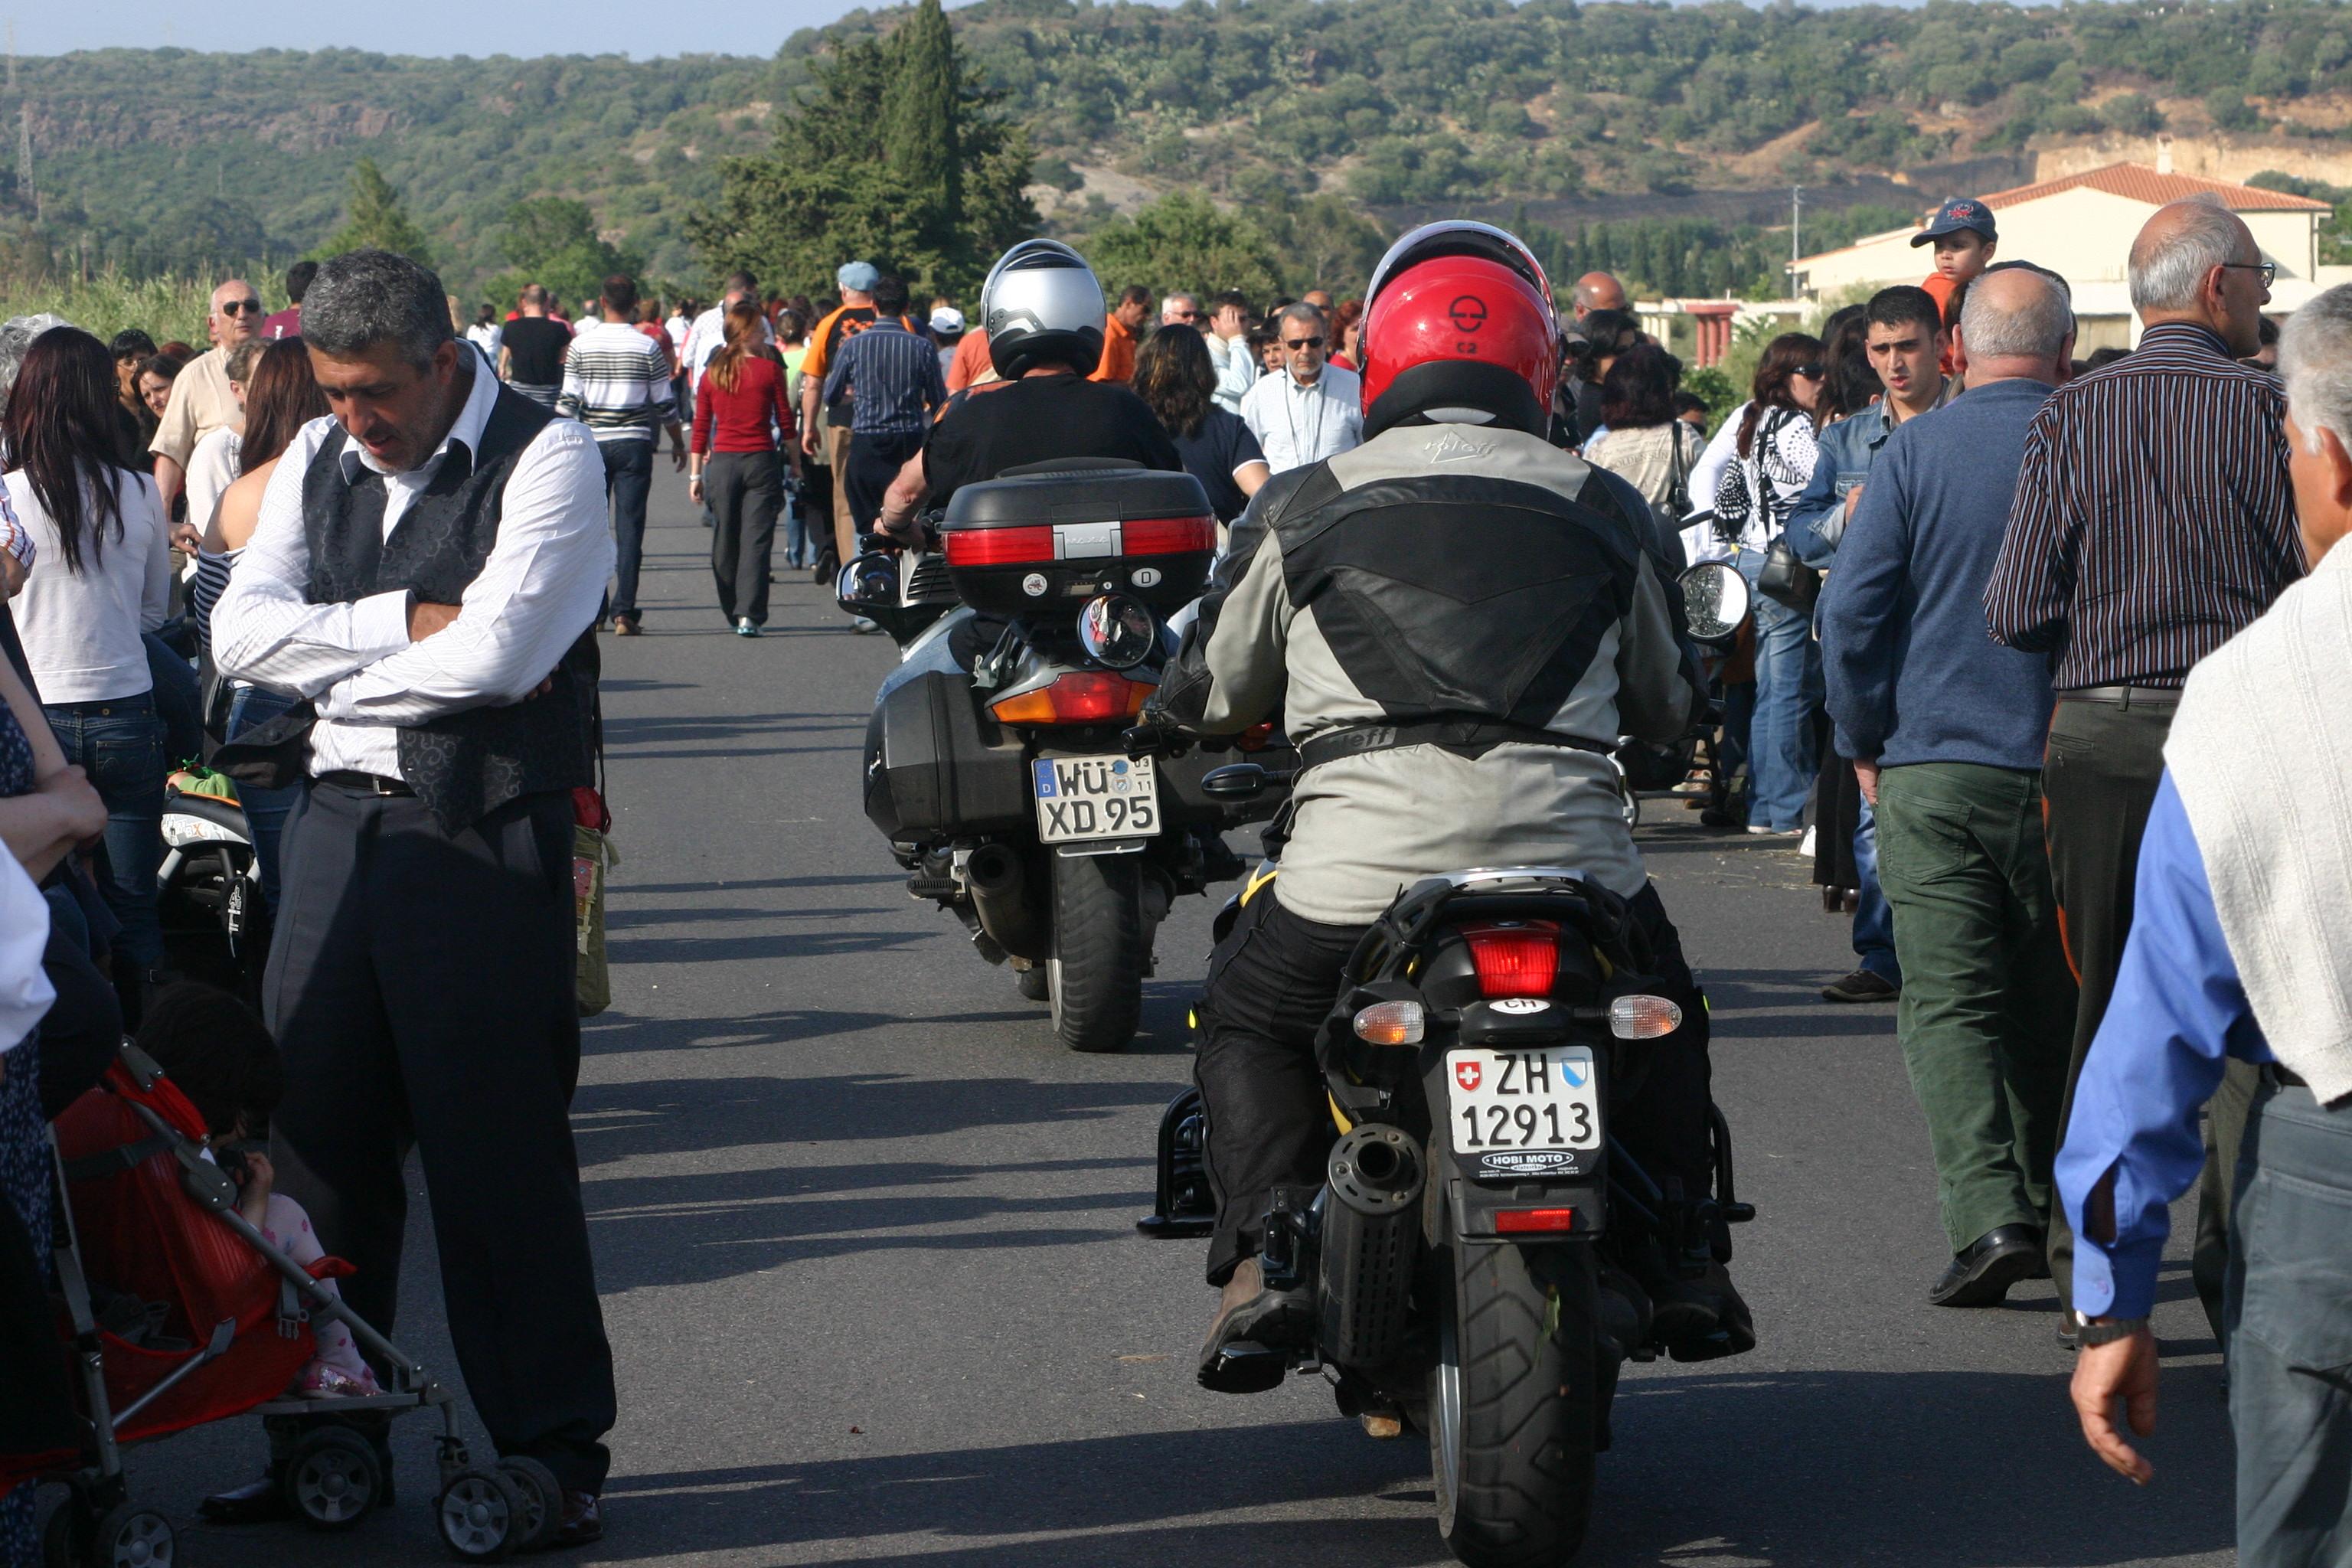 Angebot für Biker Hotel Ristorante S'Ortale